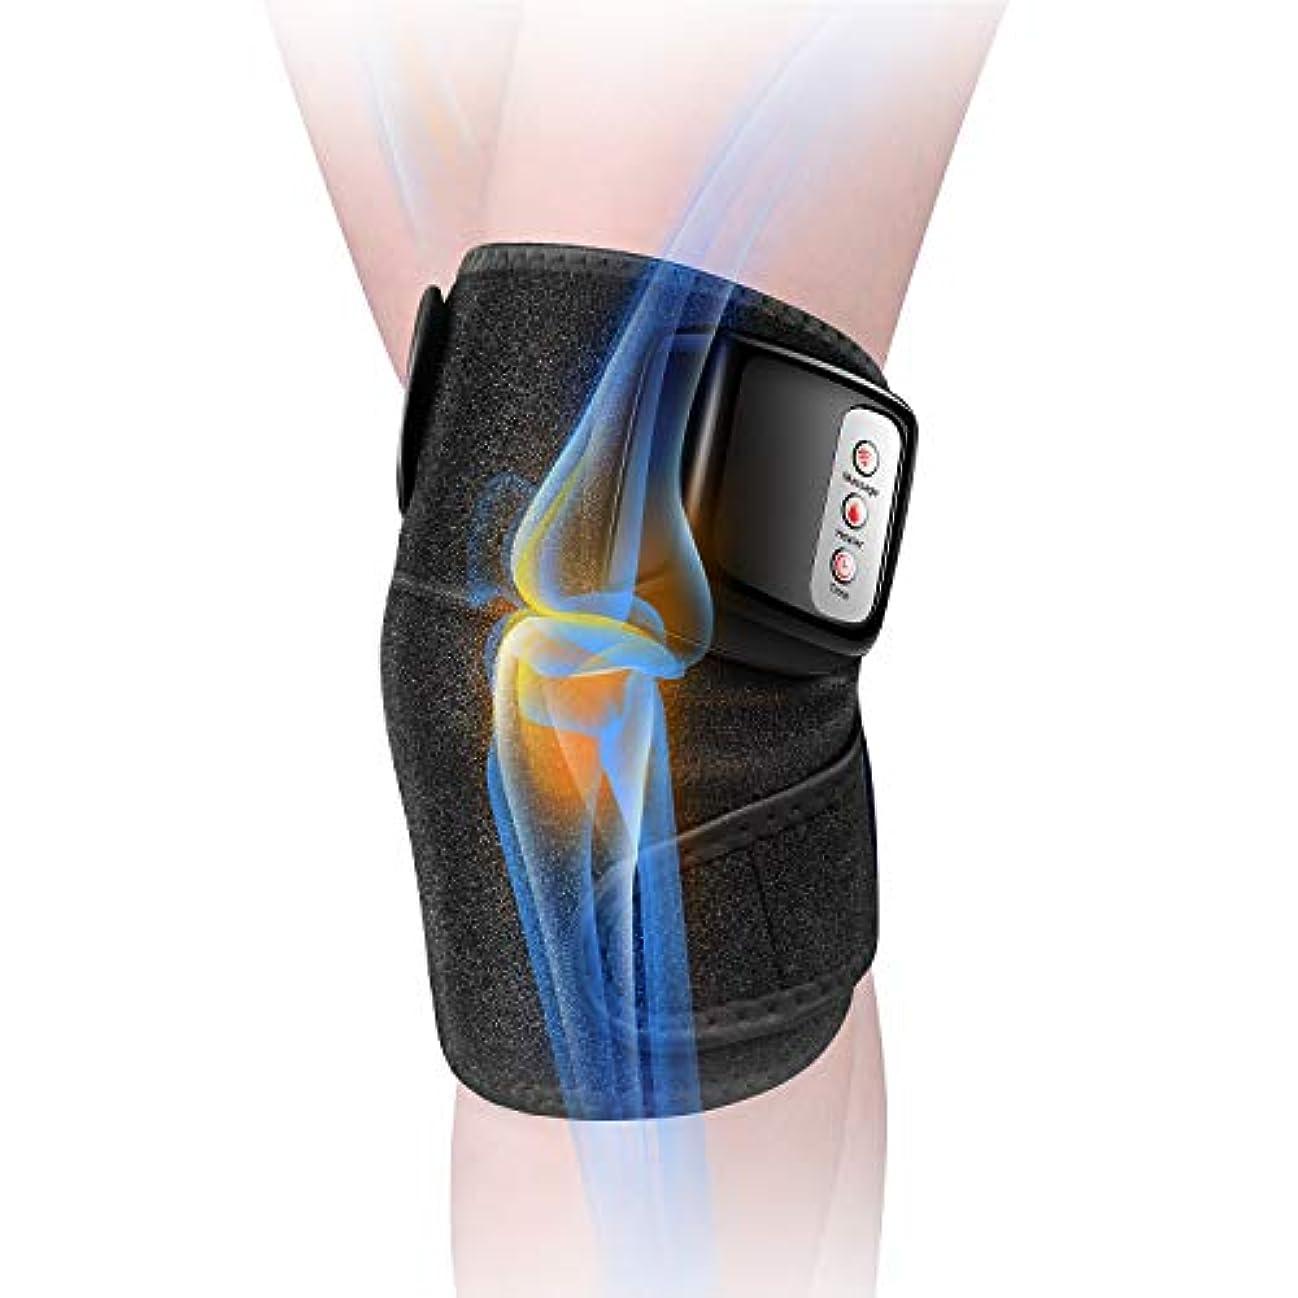 コンバーチブル葉っぱ霜膝マッサージャー 関節マッサージャー マッサージ器 フットマッサージャー 振動 赤外線療法 温熱療法 膝サポーター ストレス解消 肩 太もも/腕対応